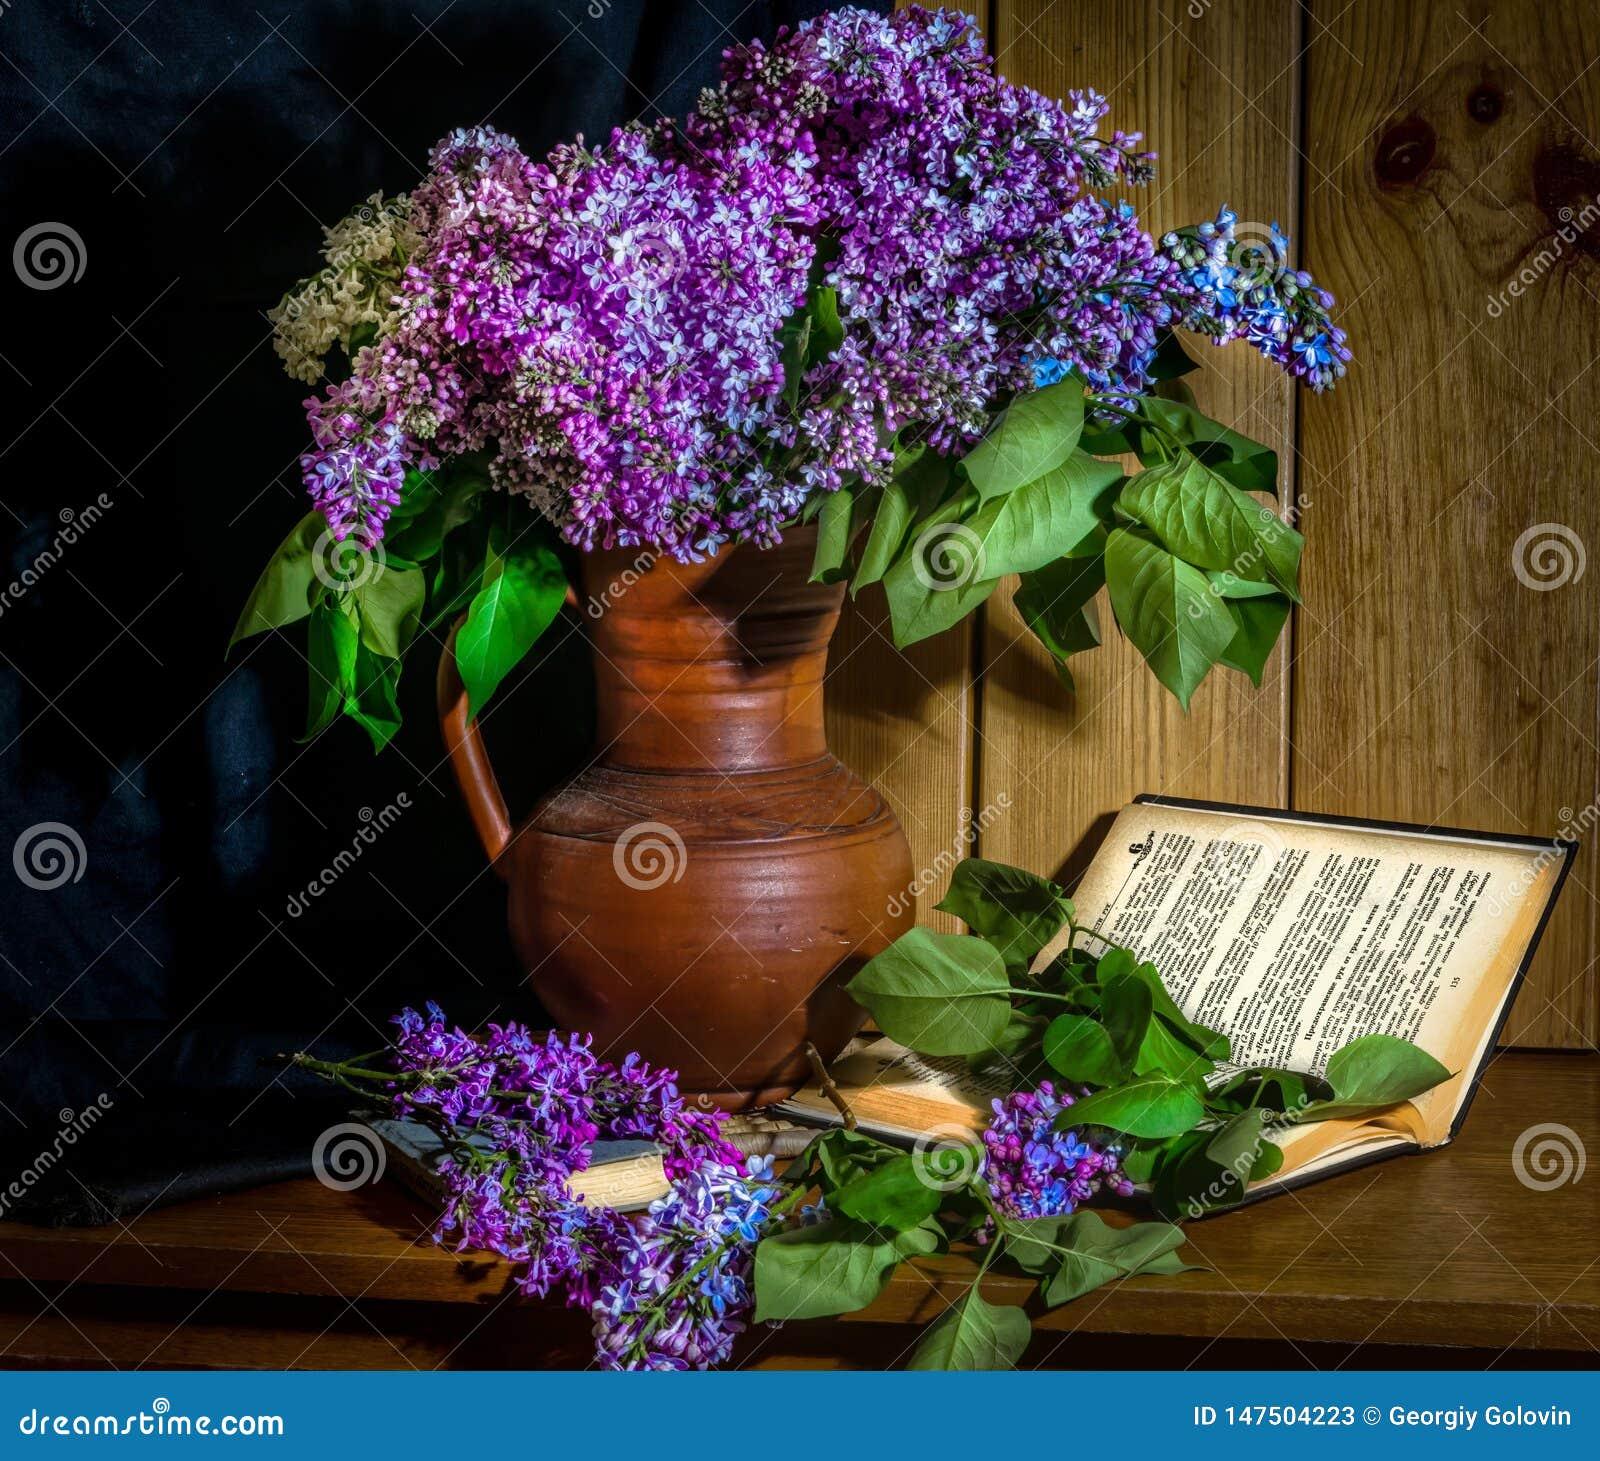 Flieder in einem keramischen Vase, in einem Buch und in einer Stunde auf dem Tisch